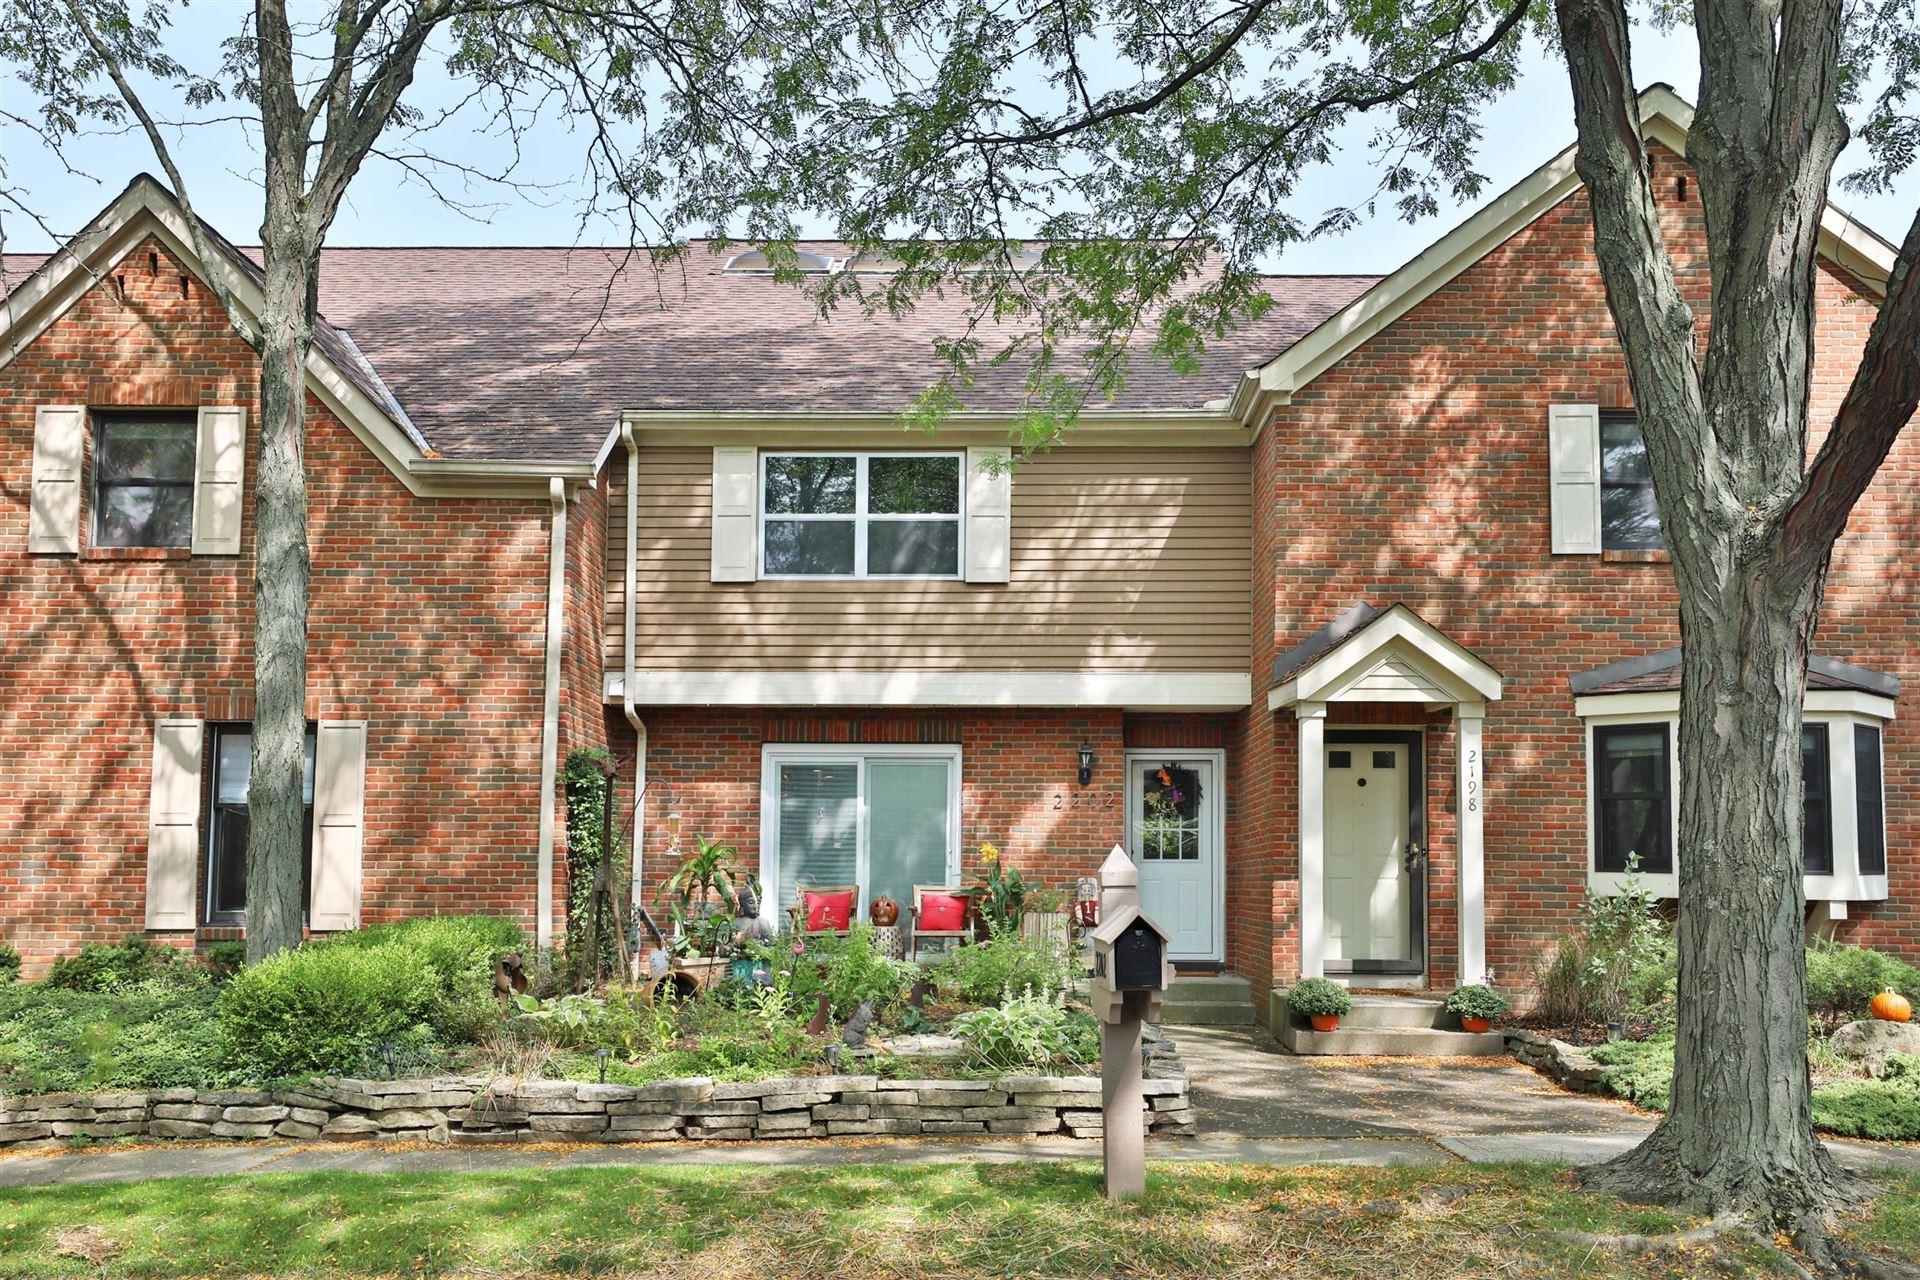 2202 Sandston Road, Upper Arlington, OH 43220 - MLS#: 220032641